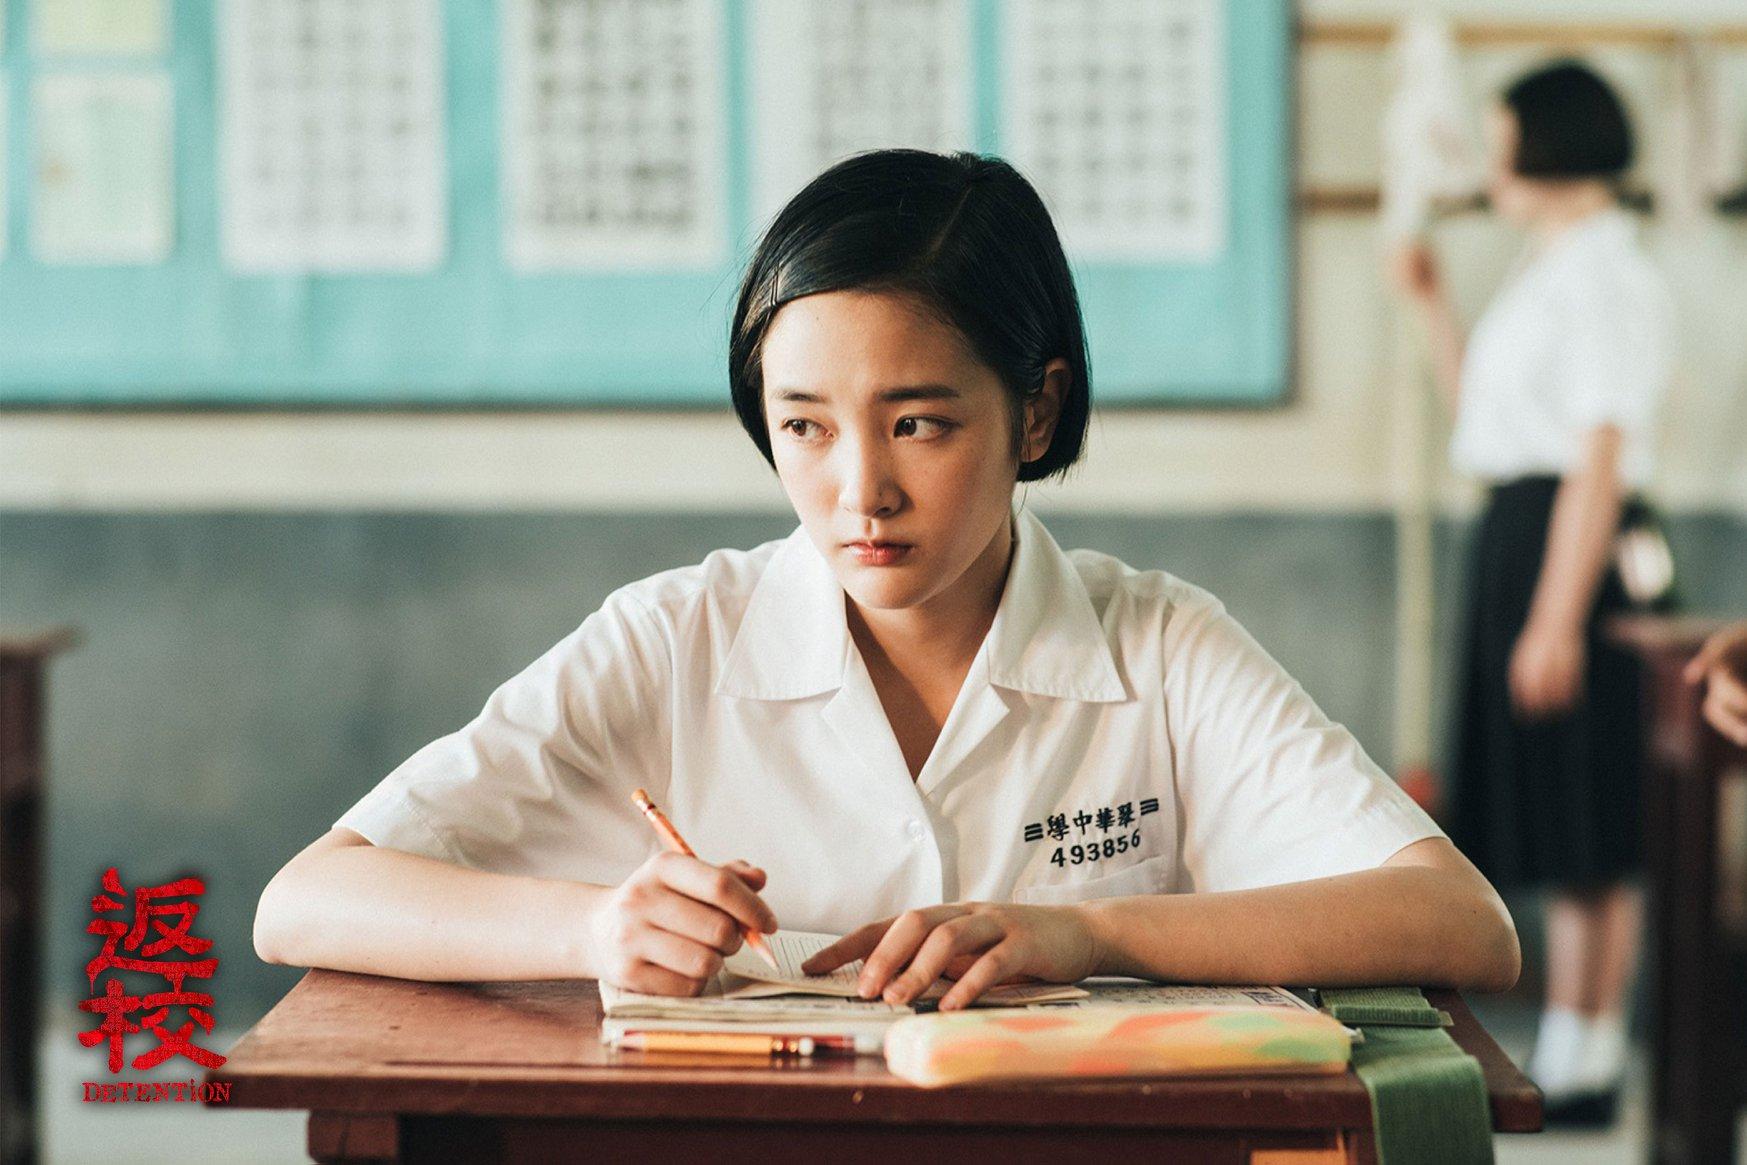 電影《返校》給台灣人的啟示:17歲少女被槍斃,只因參加讀書會...這段悲慘歷史你是忘記了,還是害怕想起來?